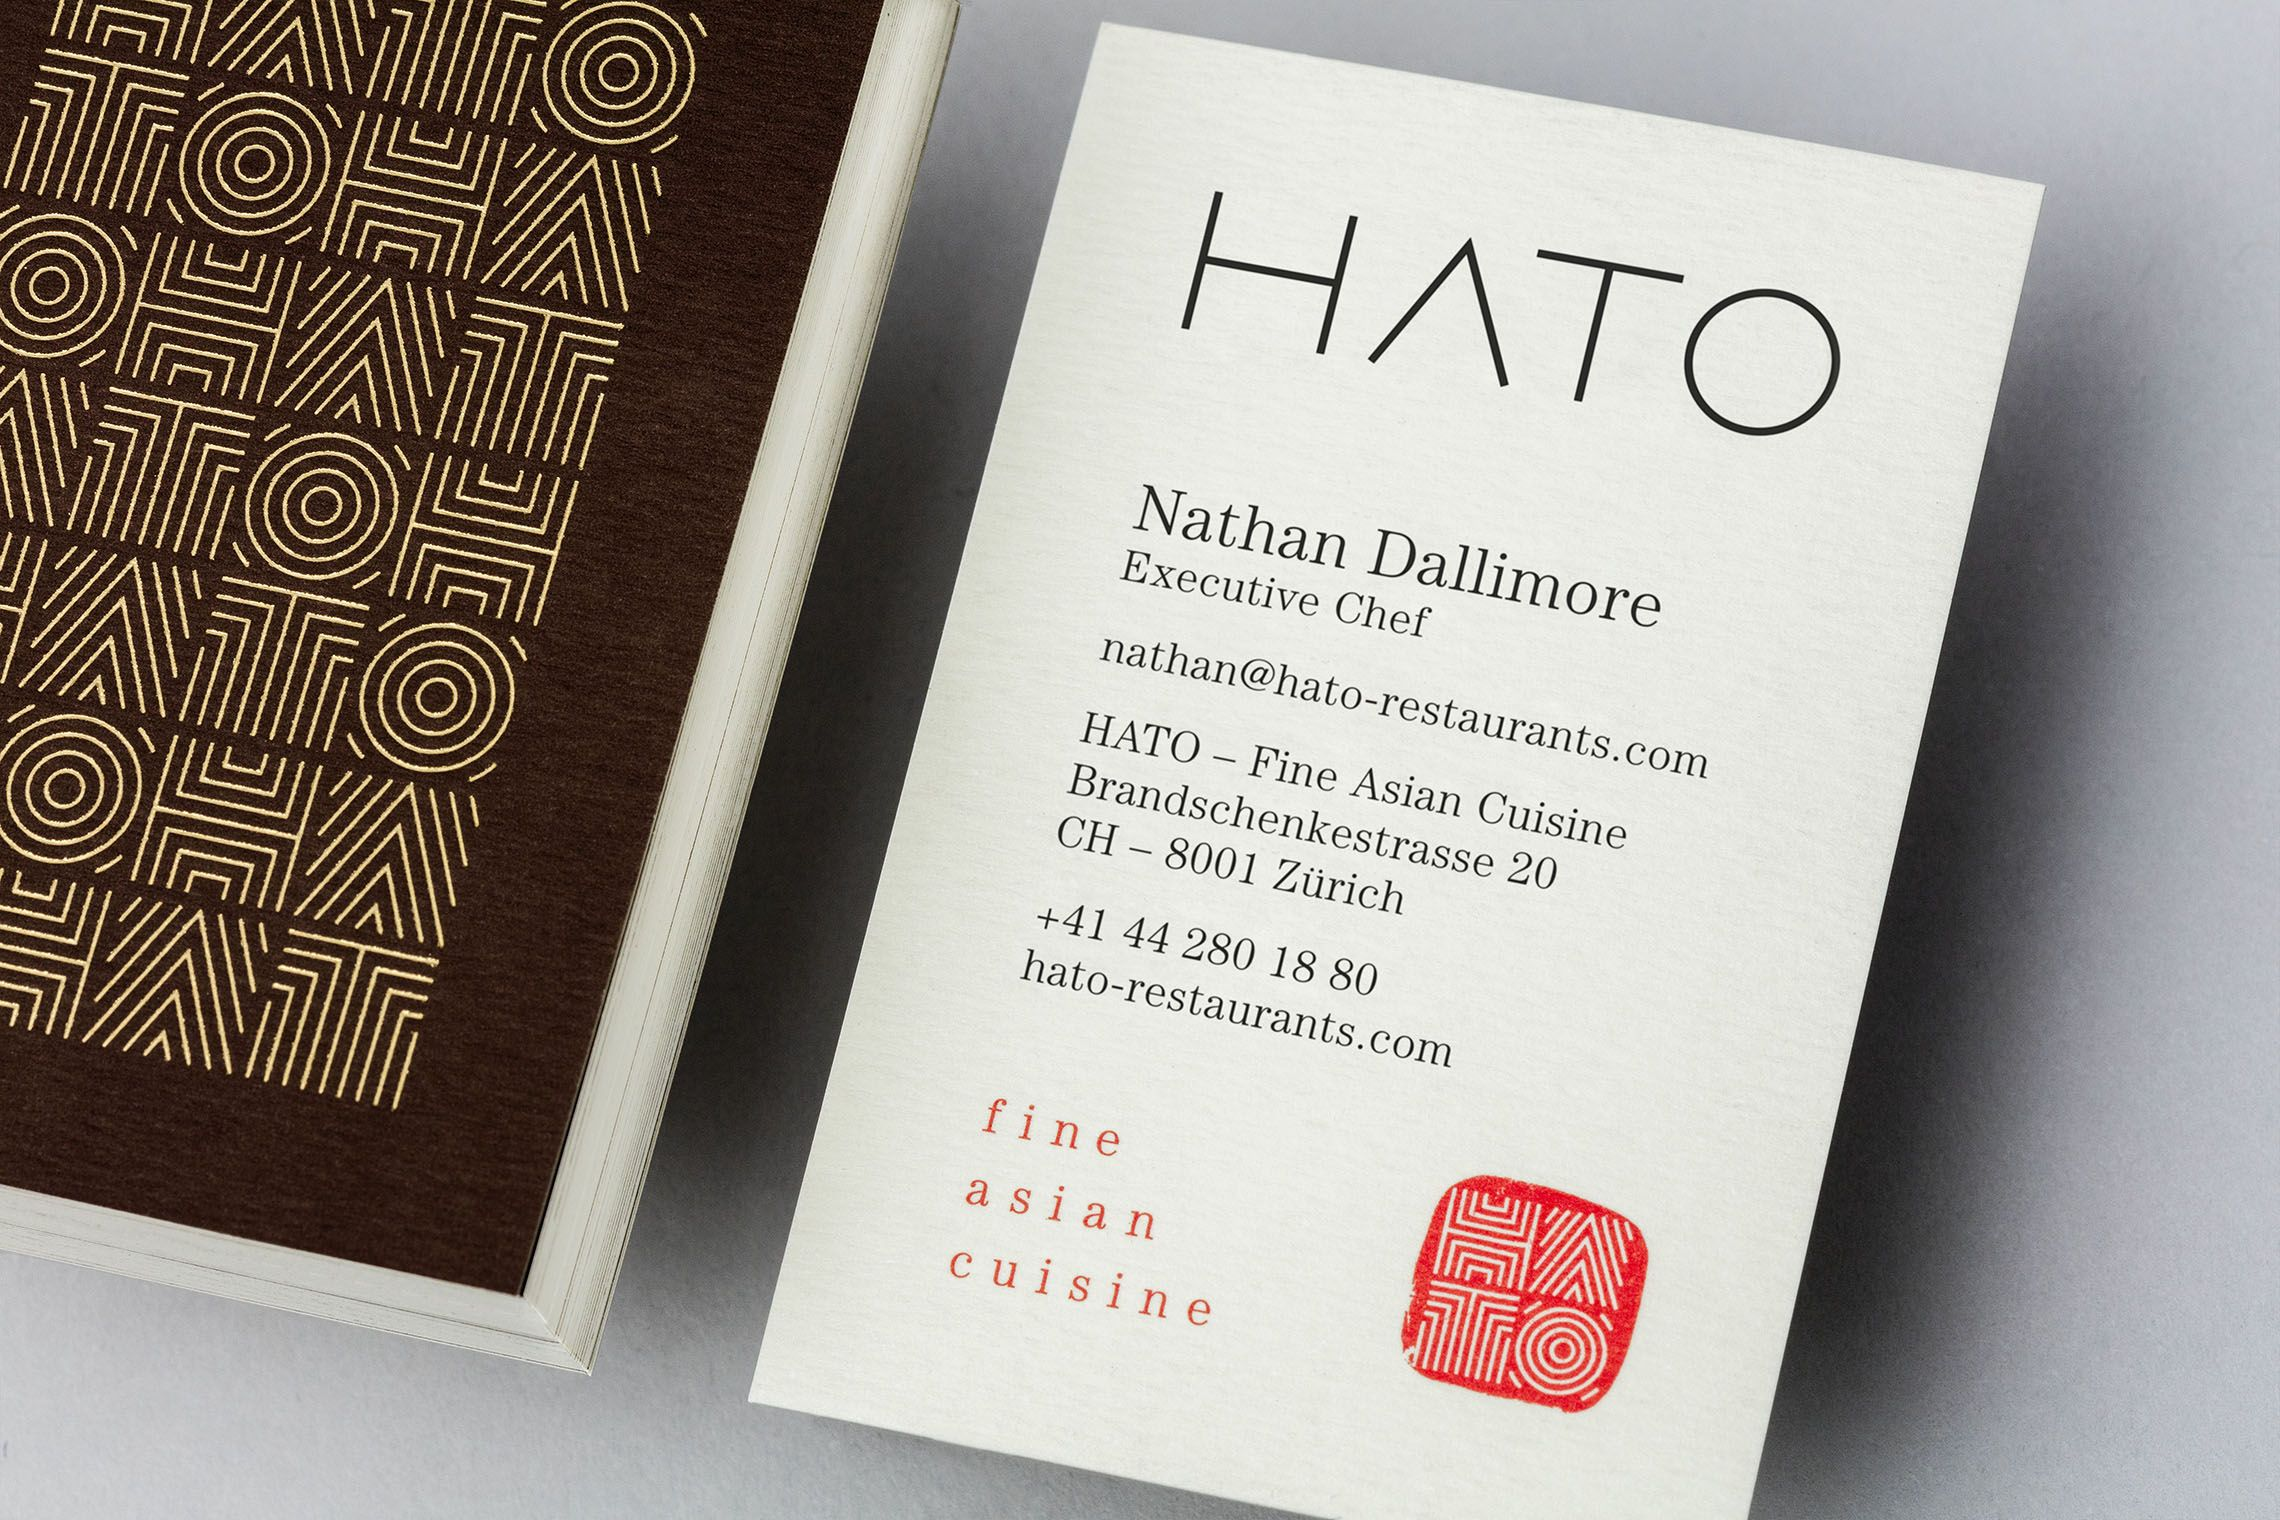 Brand Identity Hato Restaurants Visitenkarte Entwicklung